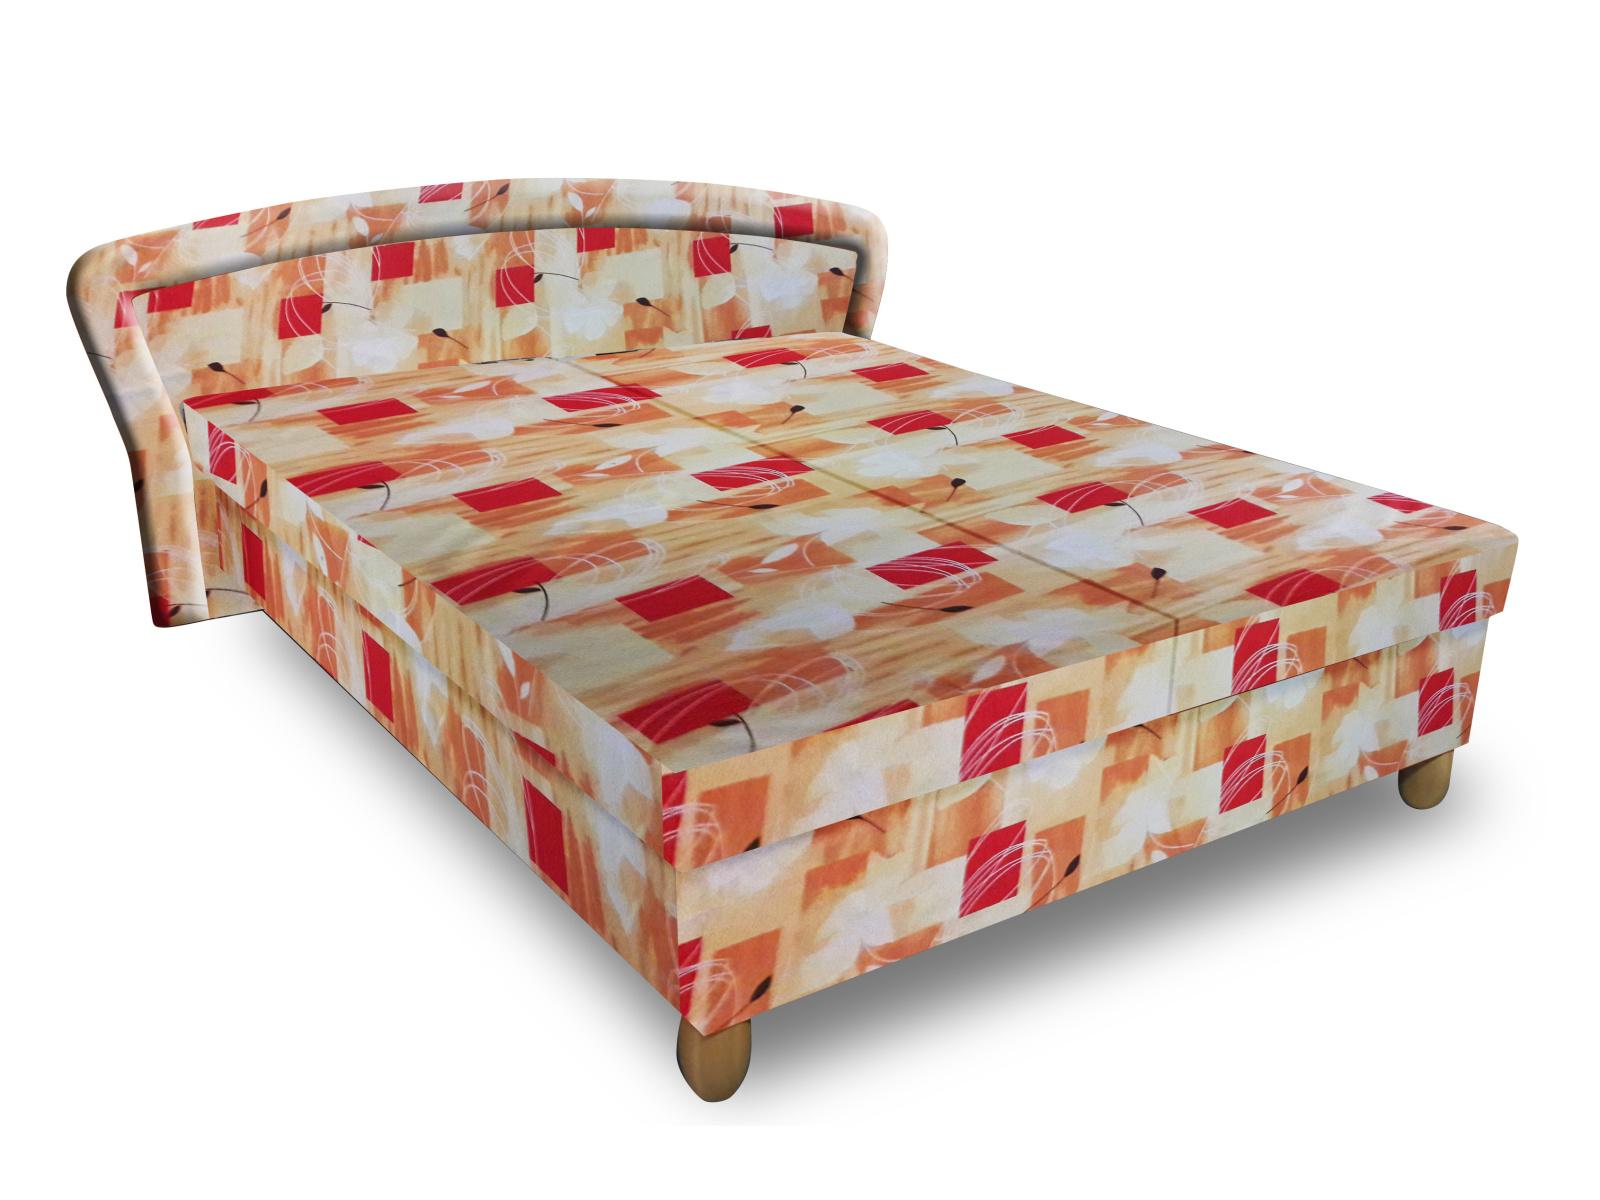 Smartshop Čalouněná postel PAVLA 120x200 cm, oranžová látka